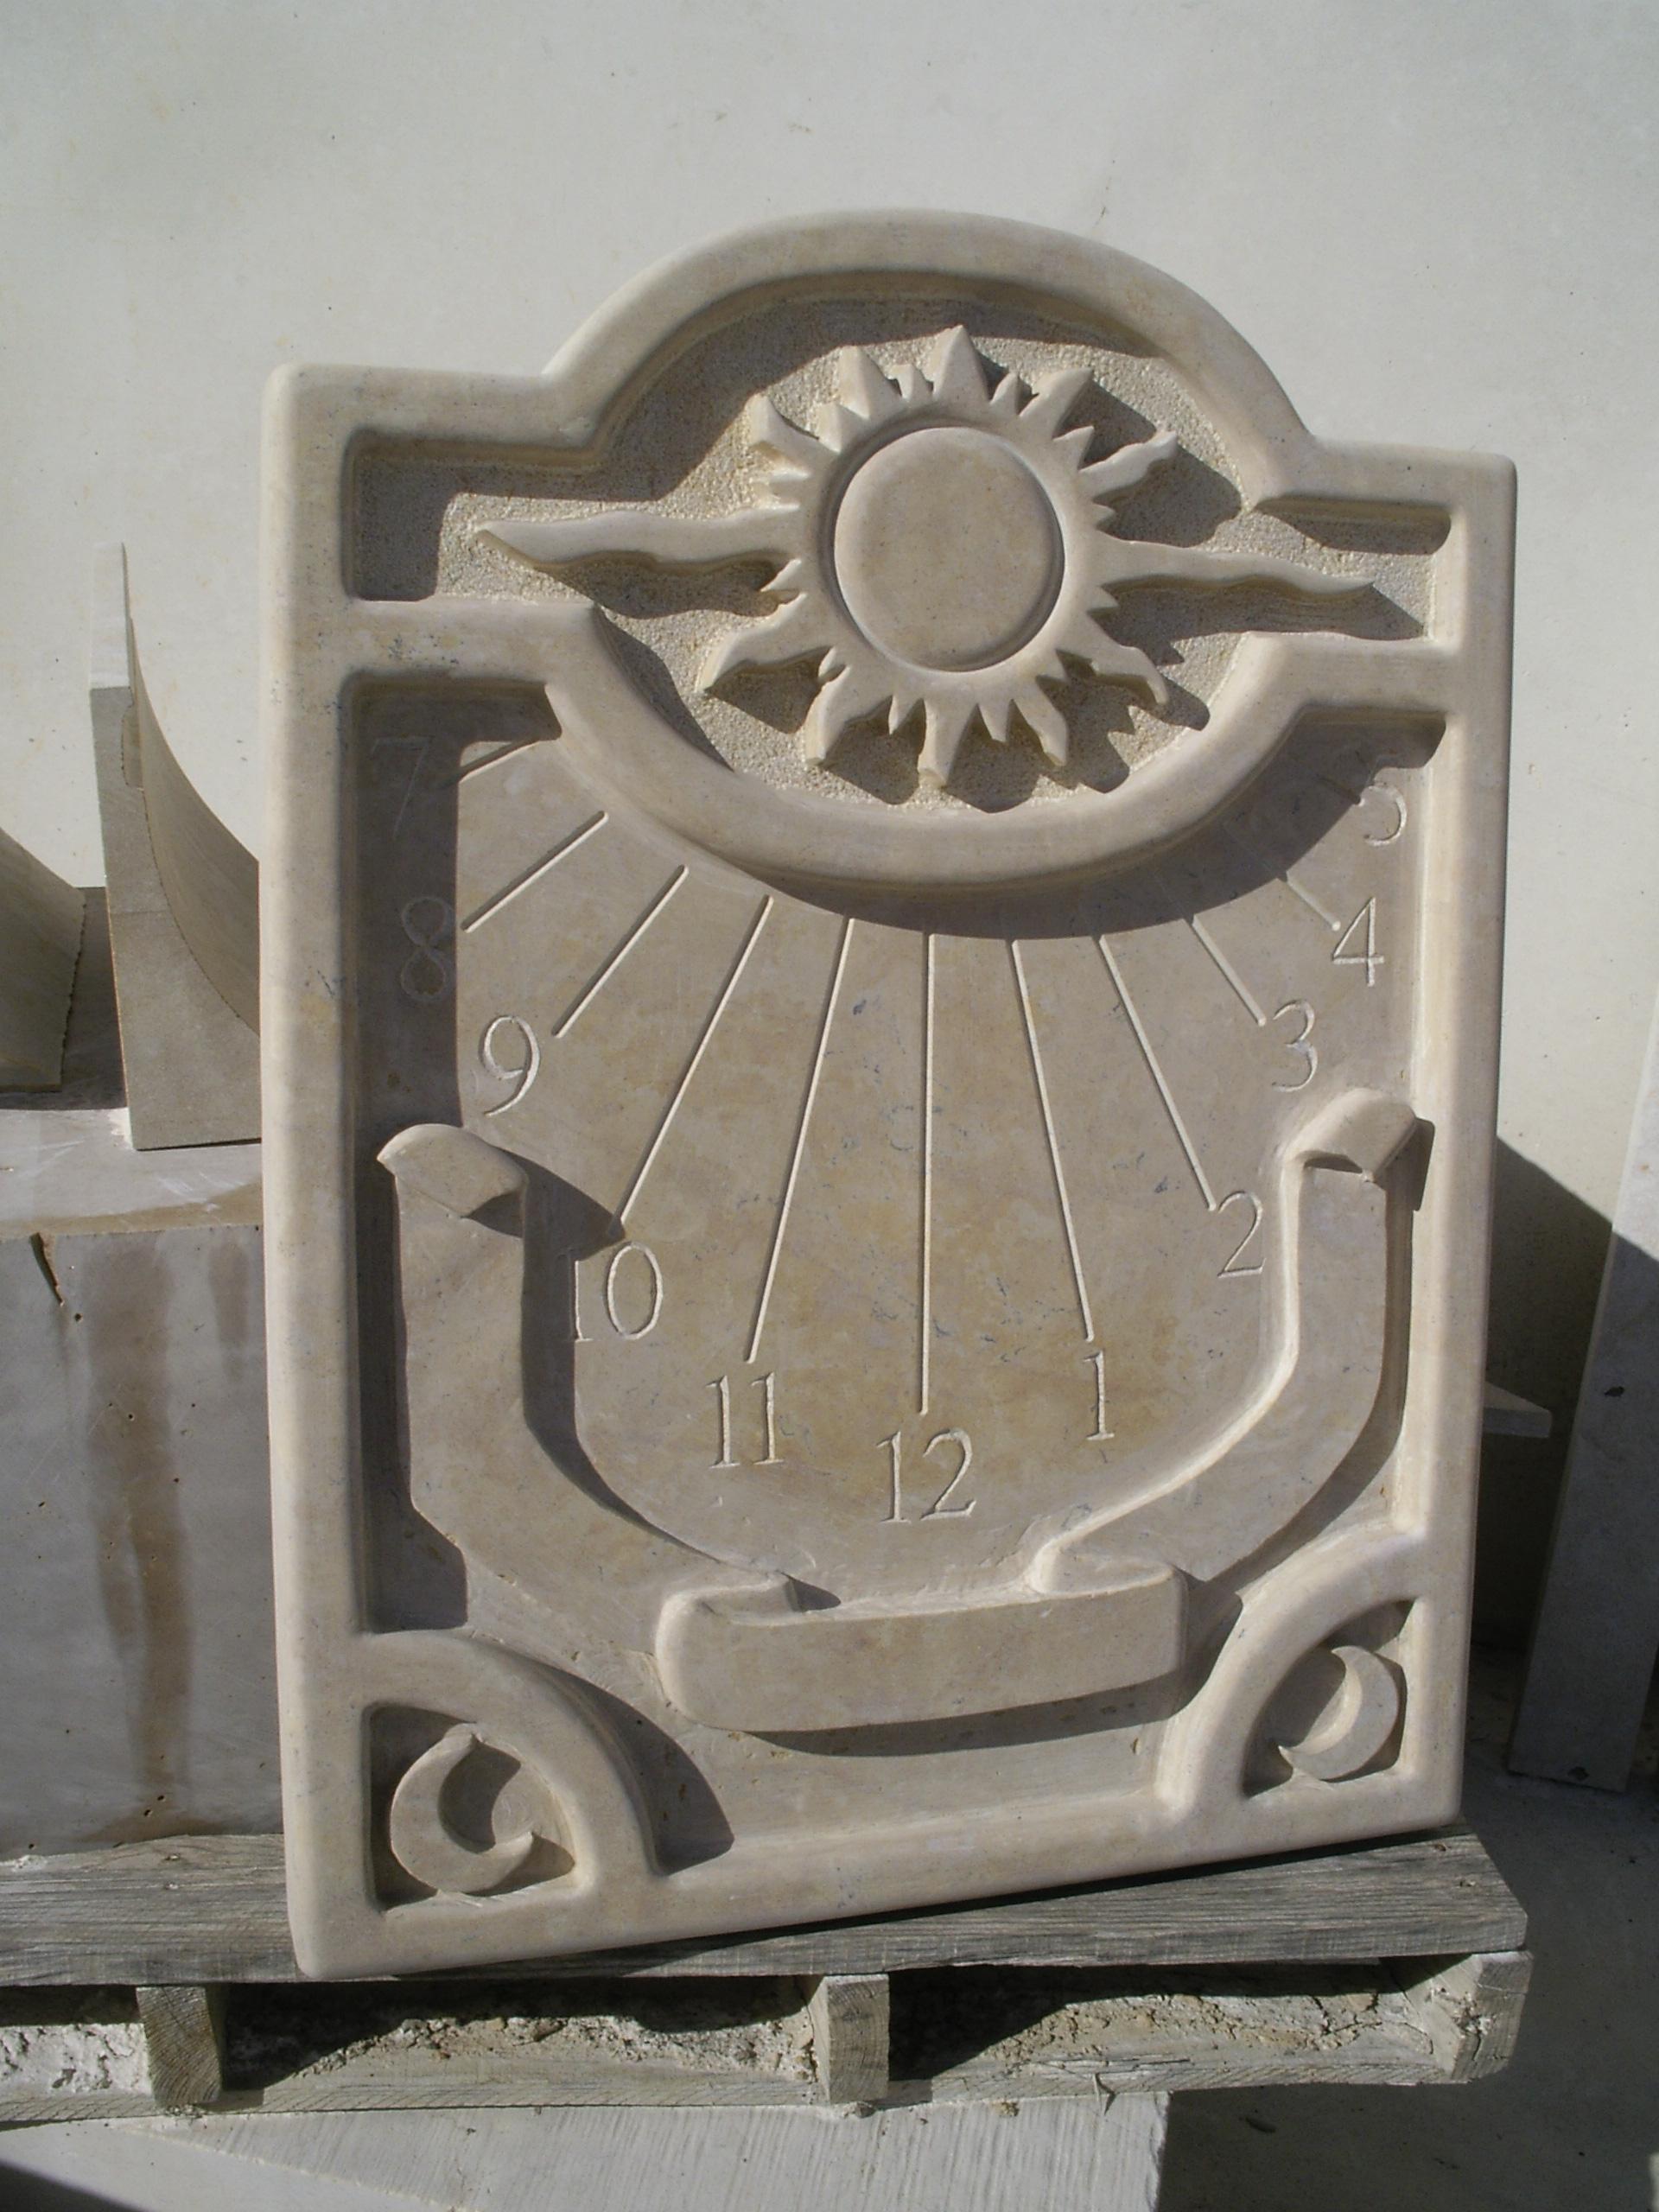 reloj de sol en piedra